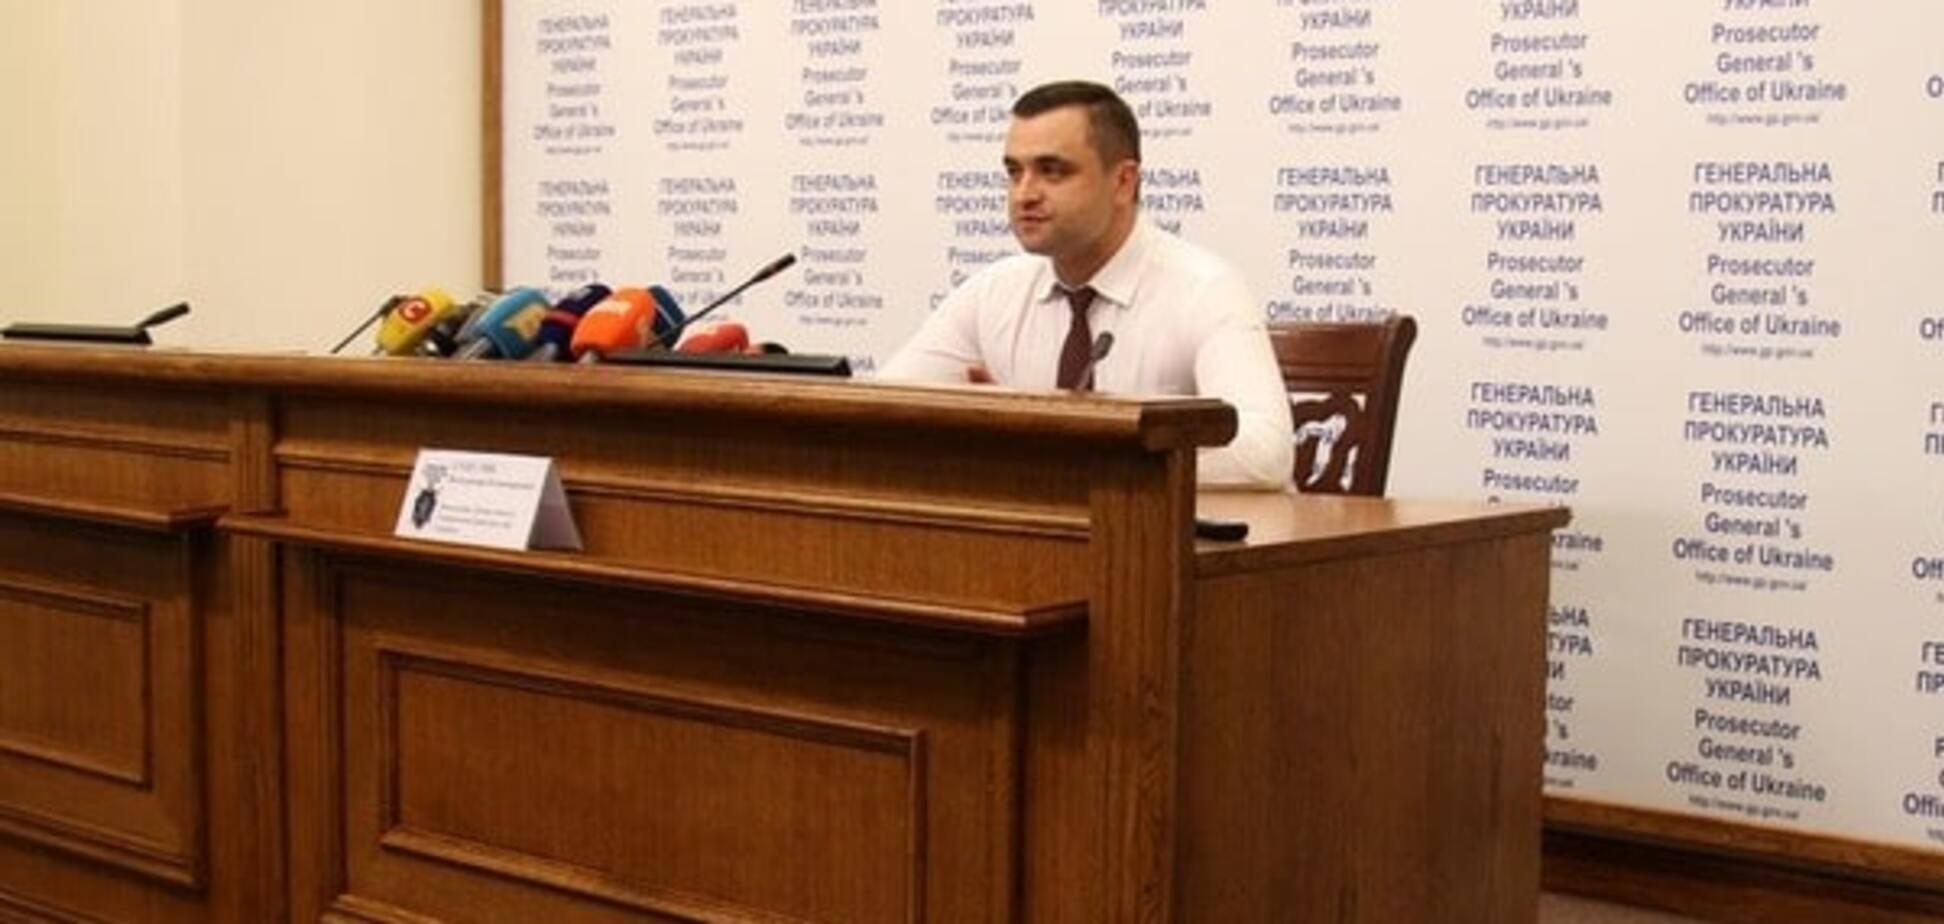 глава департамента Генеральной прокуратуры Украины